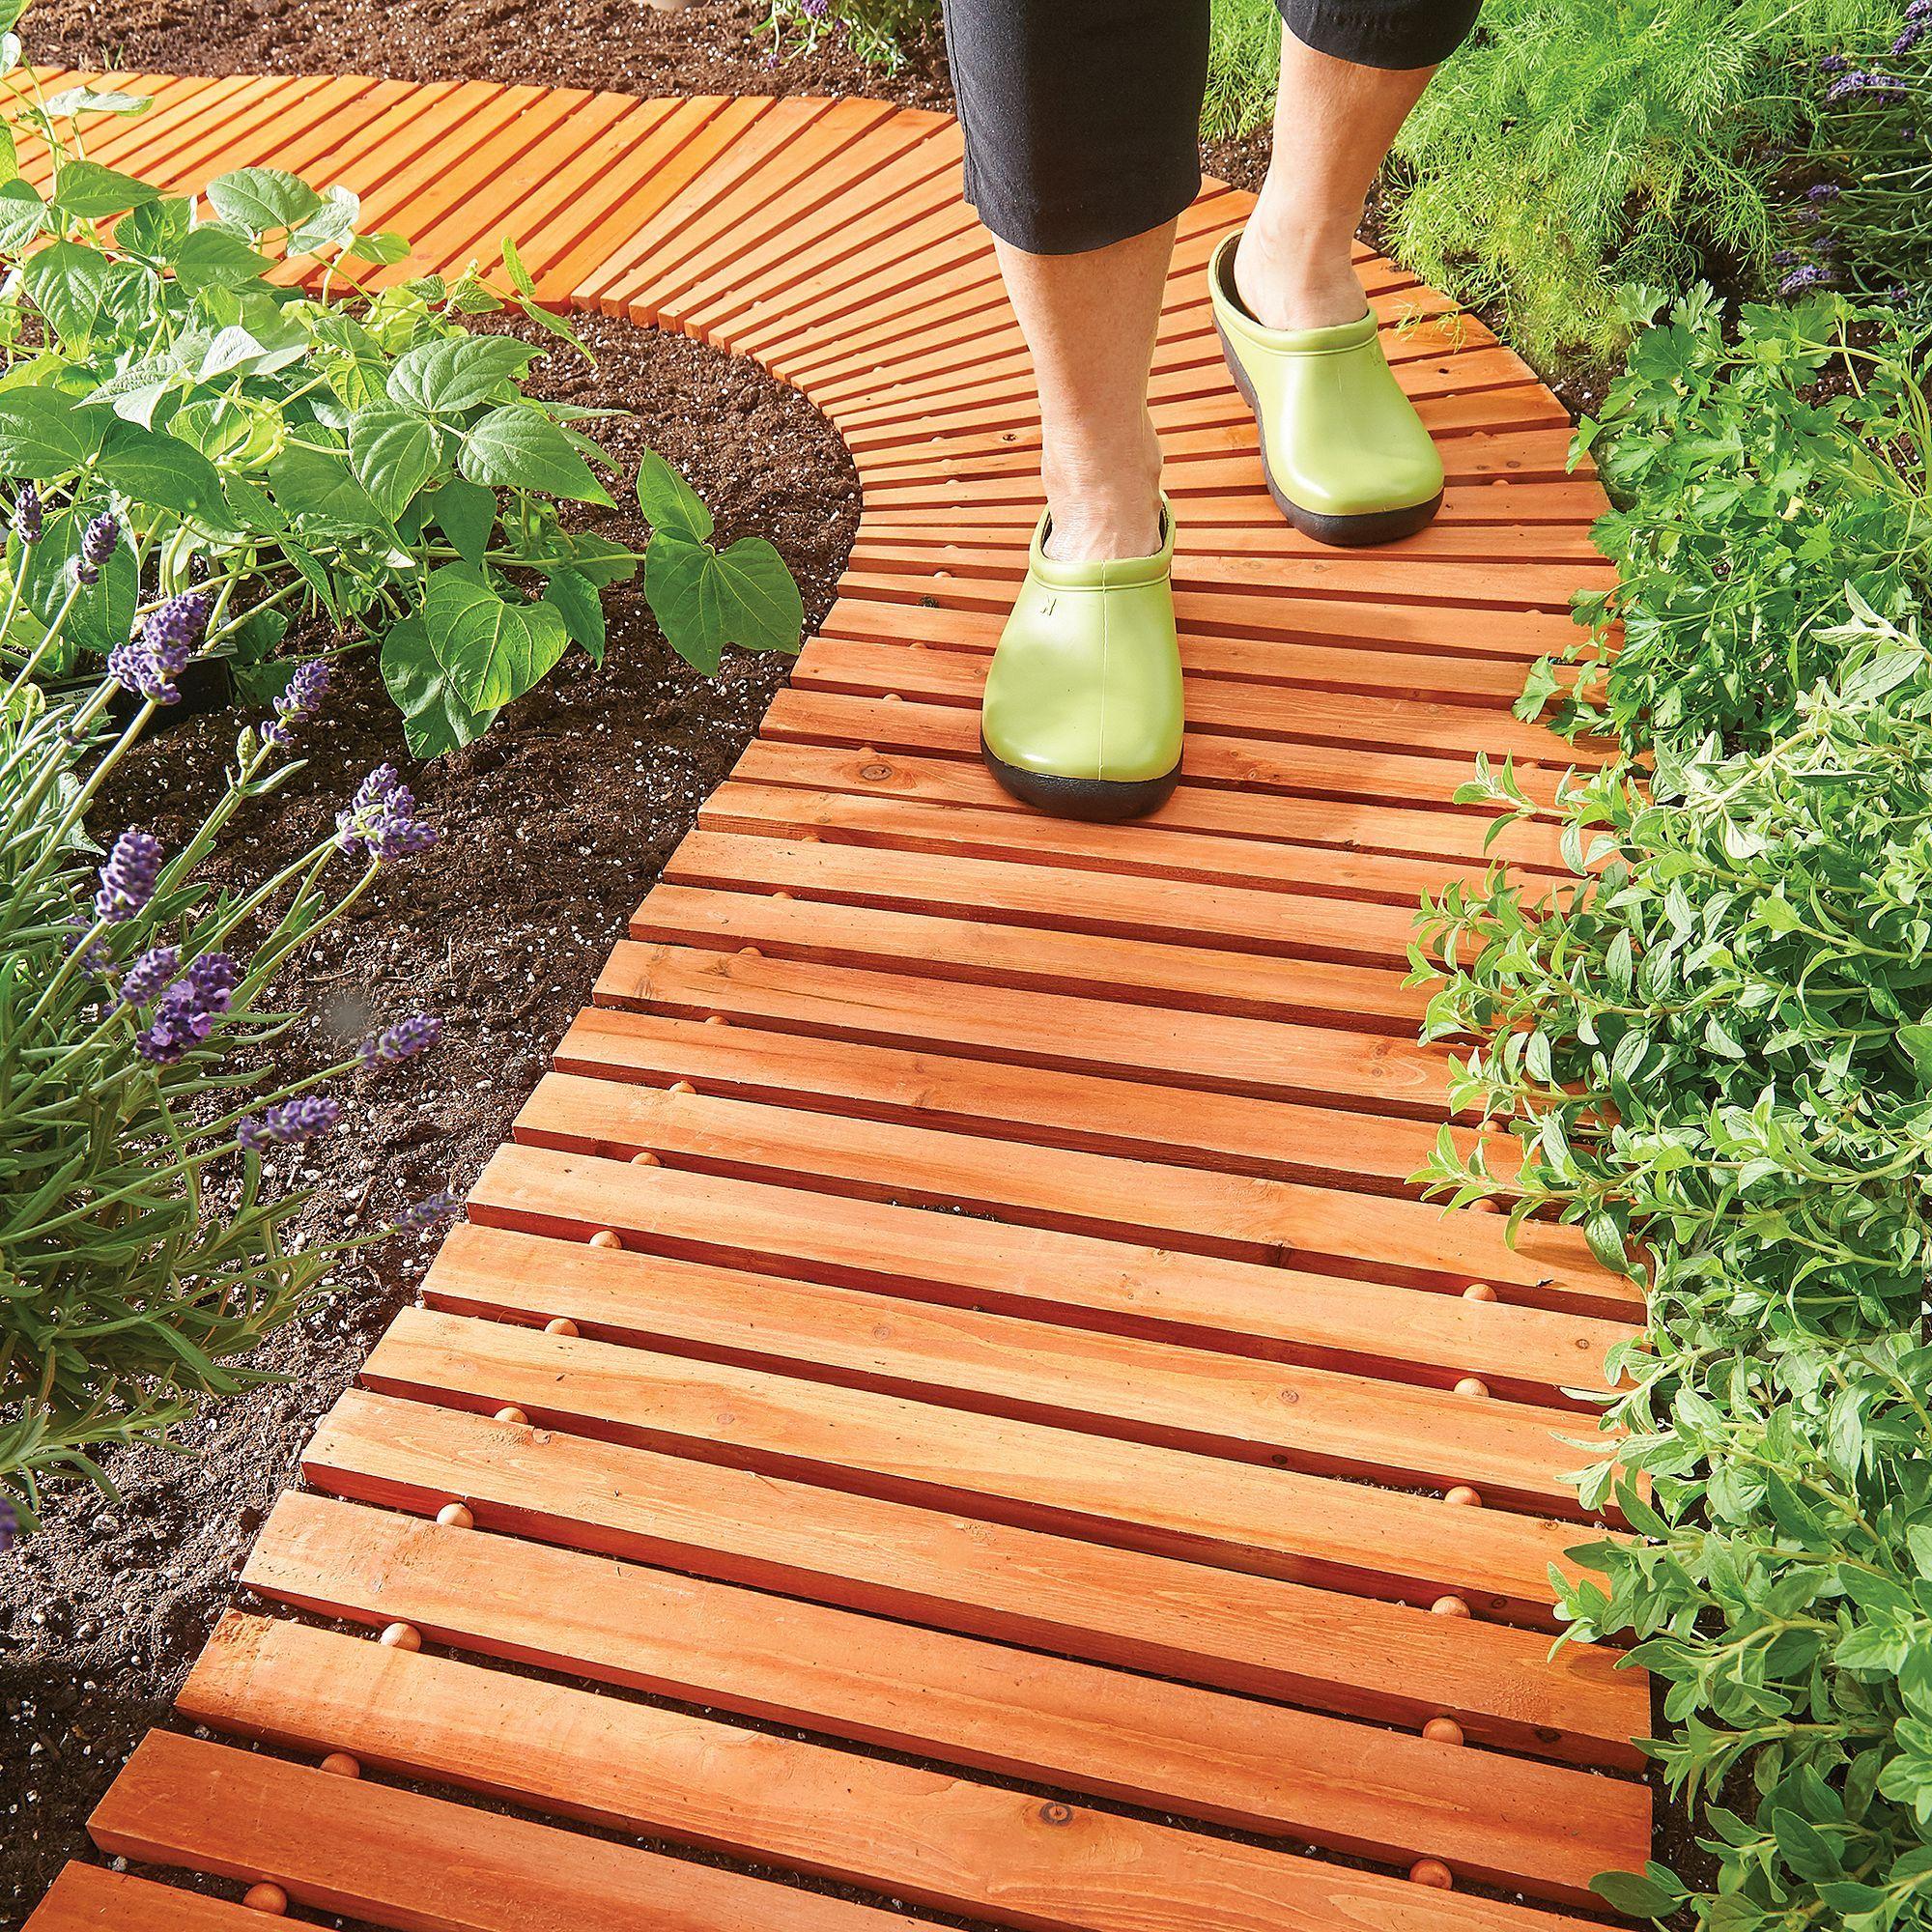 Portable Wooden Walkways   Improvements   Garden in the ...